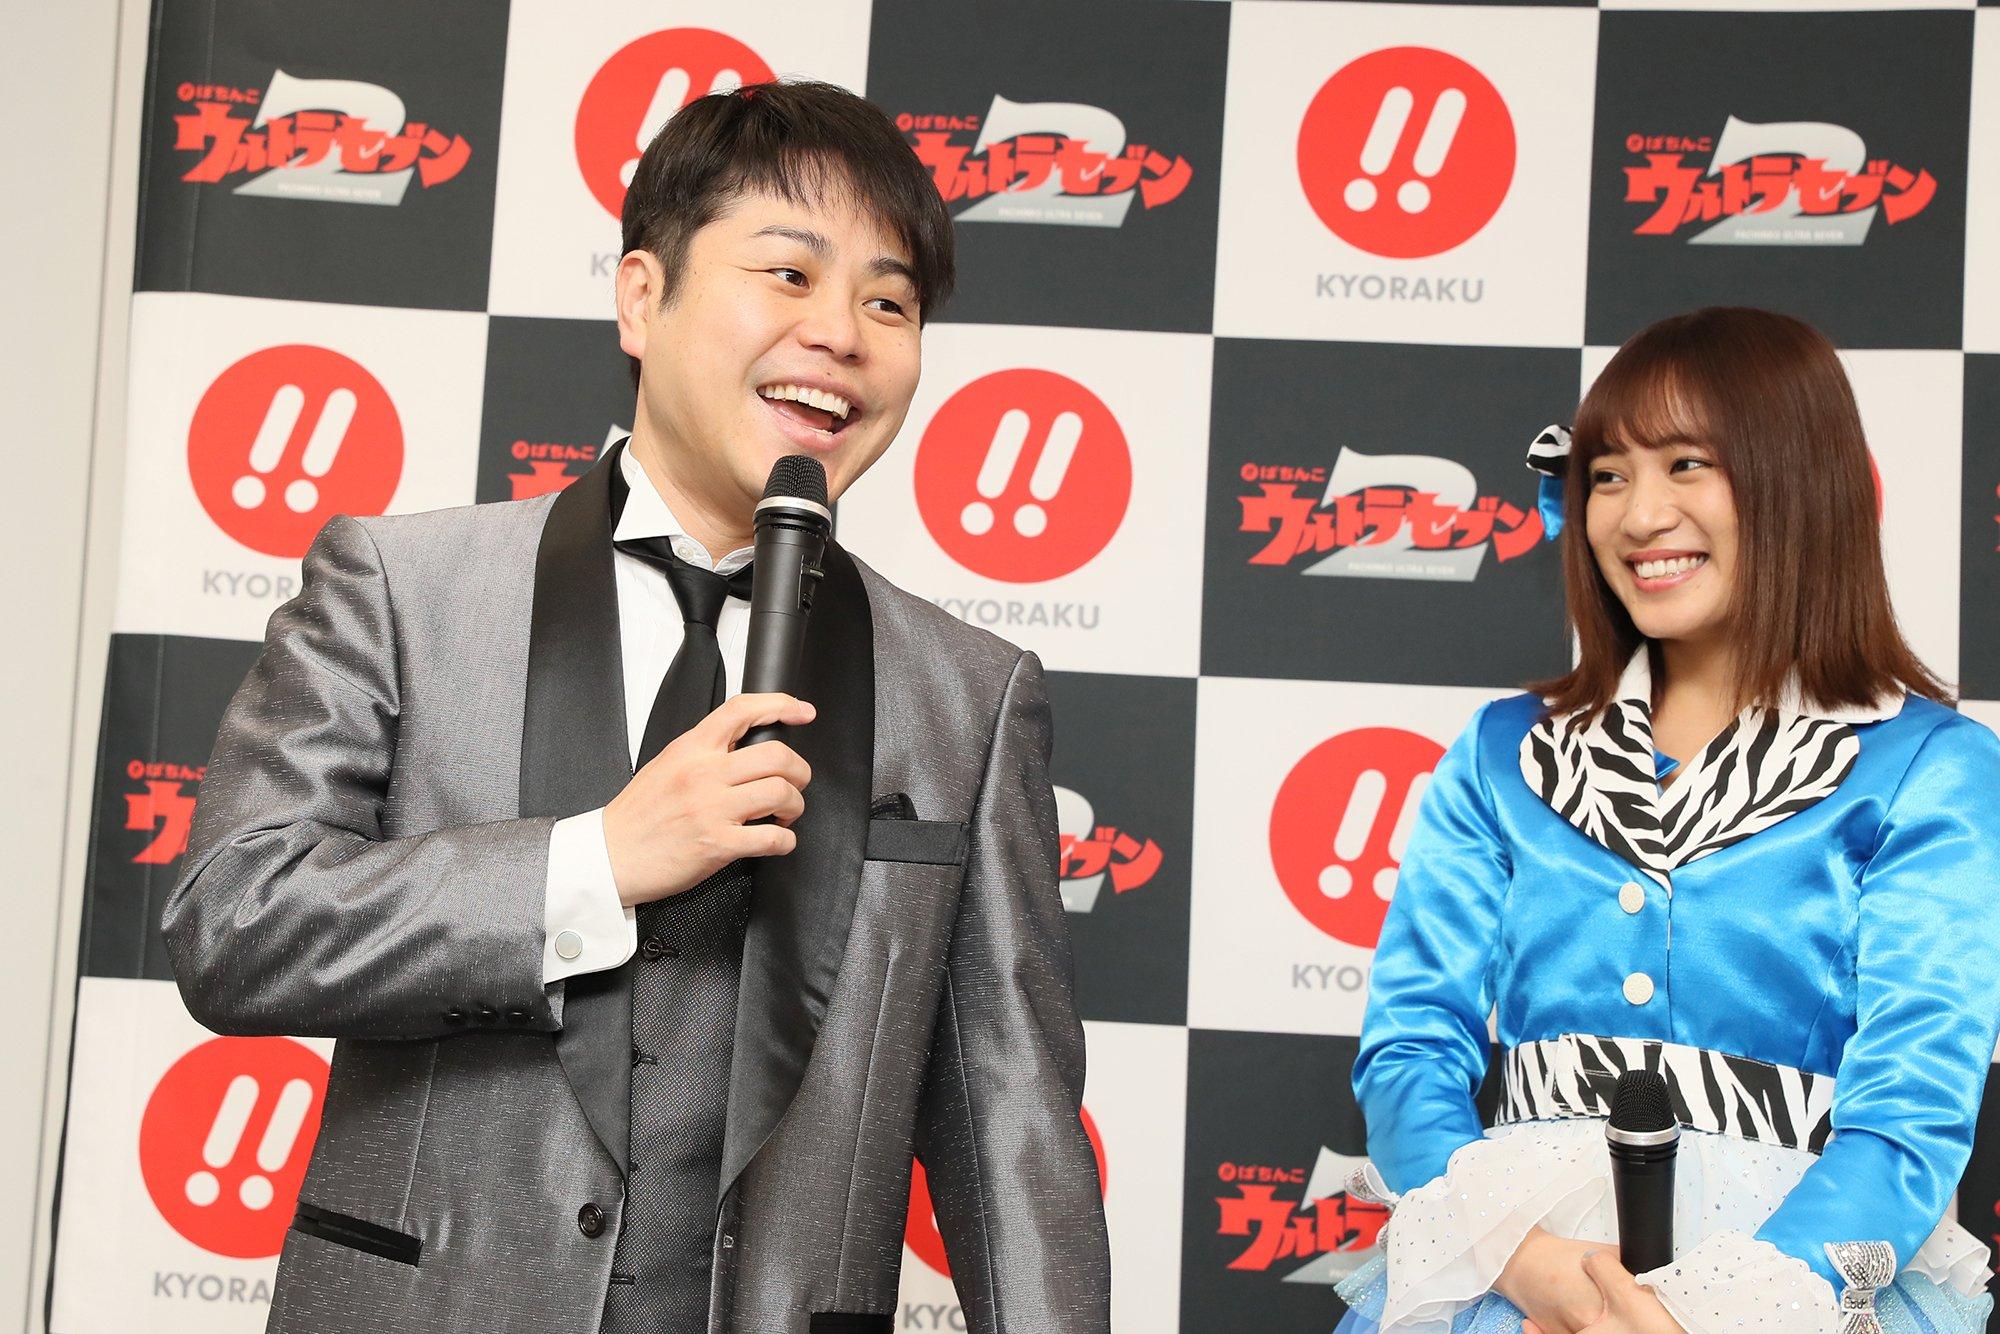 SKE48メンバーとノンスタイル井上裕介が「ぱちんこウルトラセブン2」をPR!の画像002